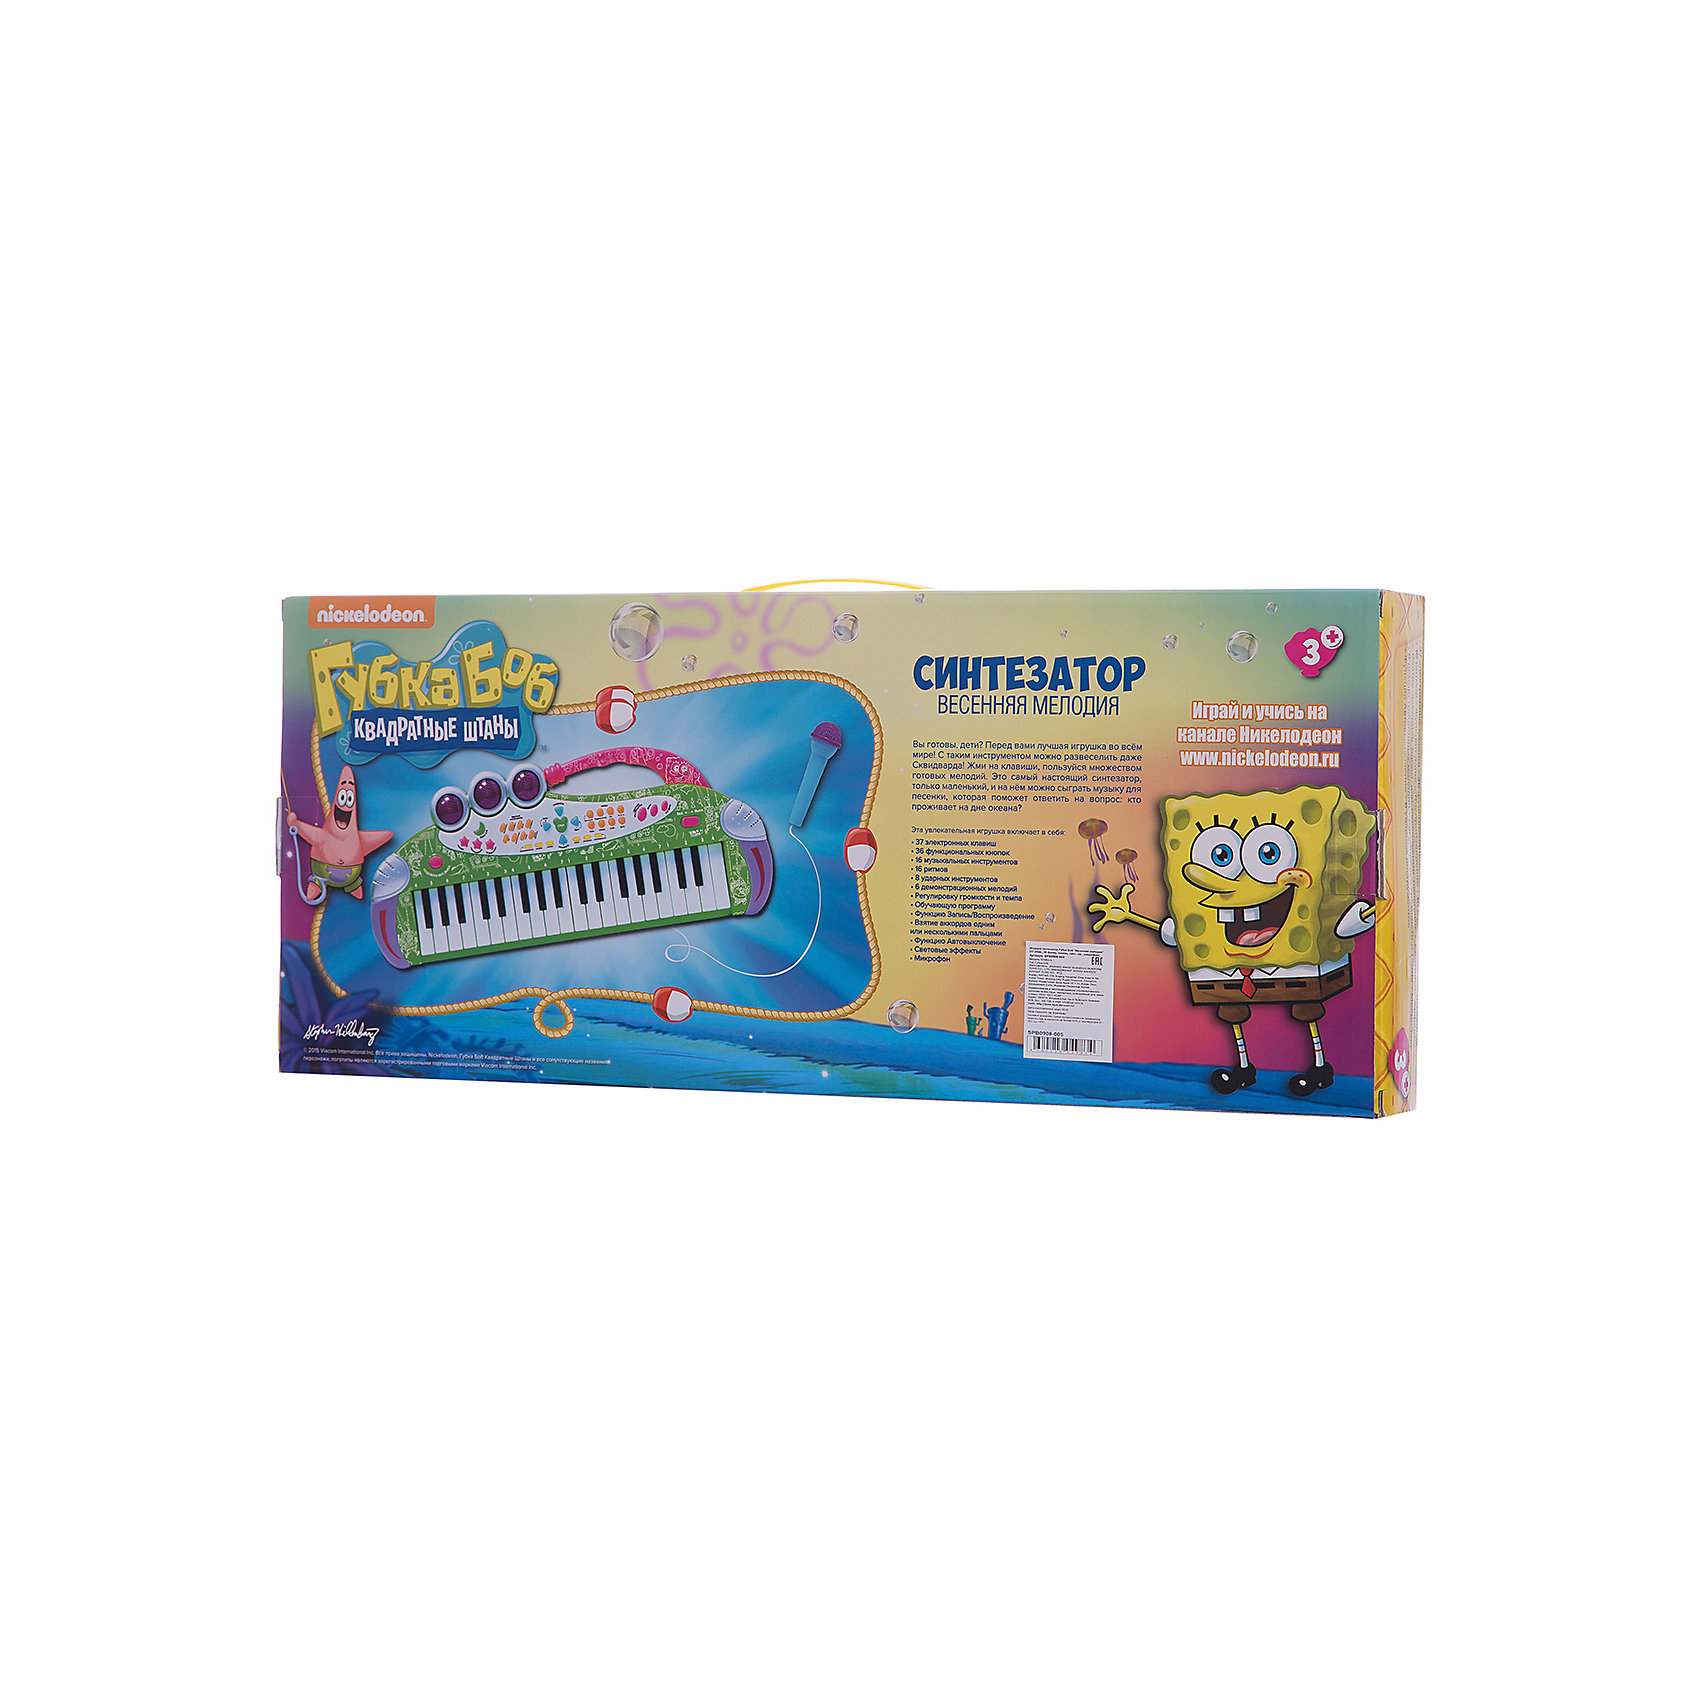 """Игрушка-синтезатор """"Весенняя мелодия"""" , с микрофоном, со светом, Губка Боб от myToys"""